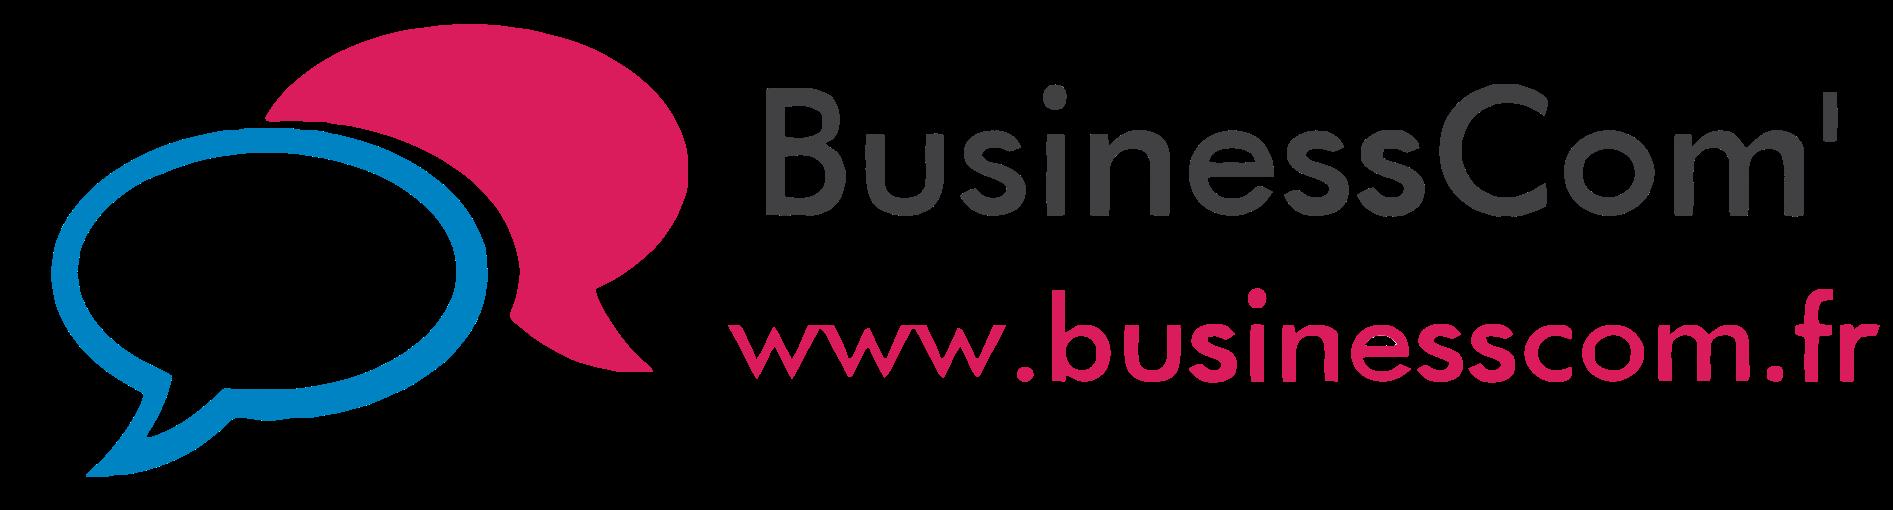 Businesscom.fr